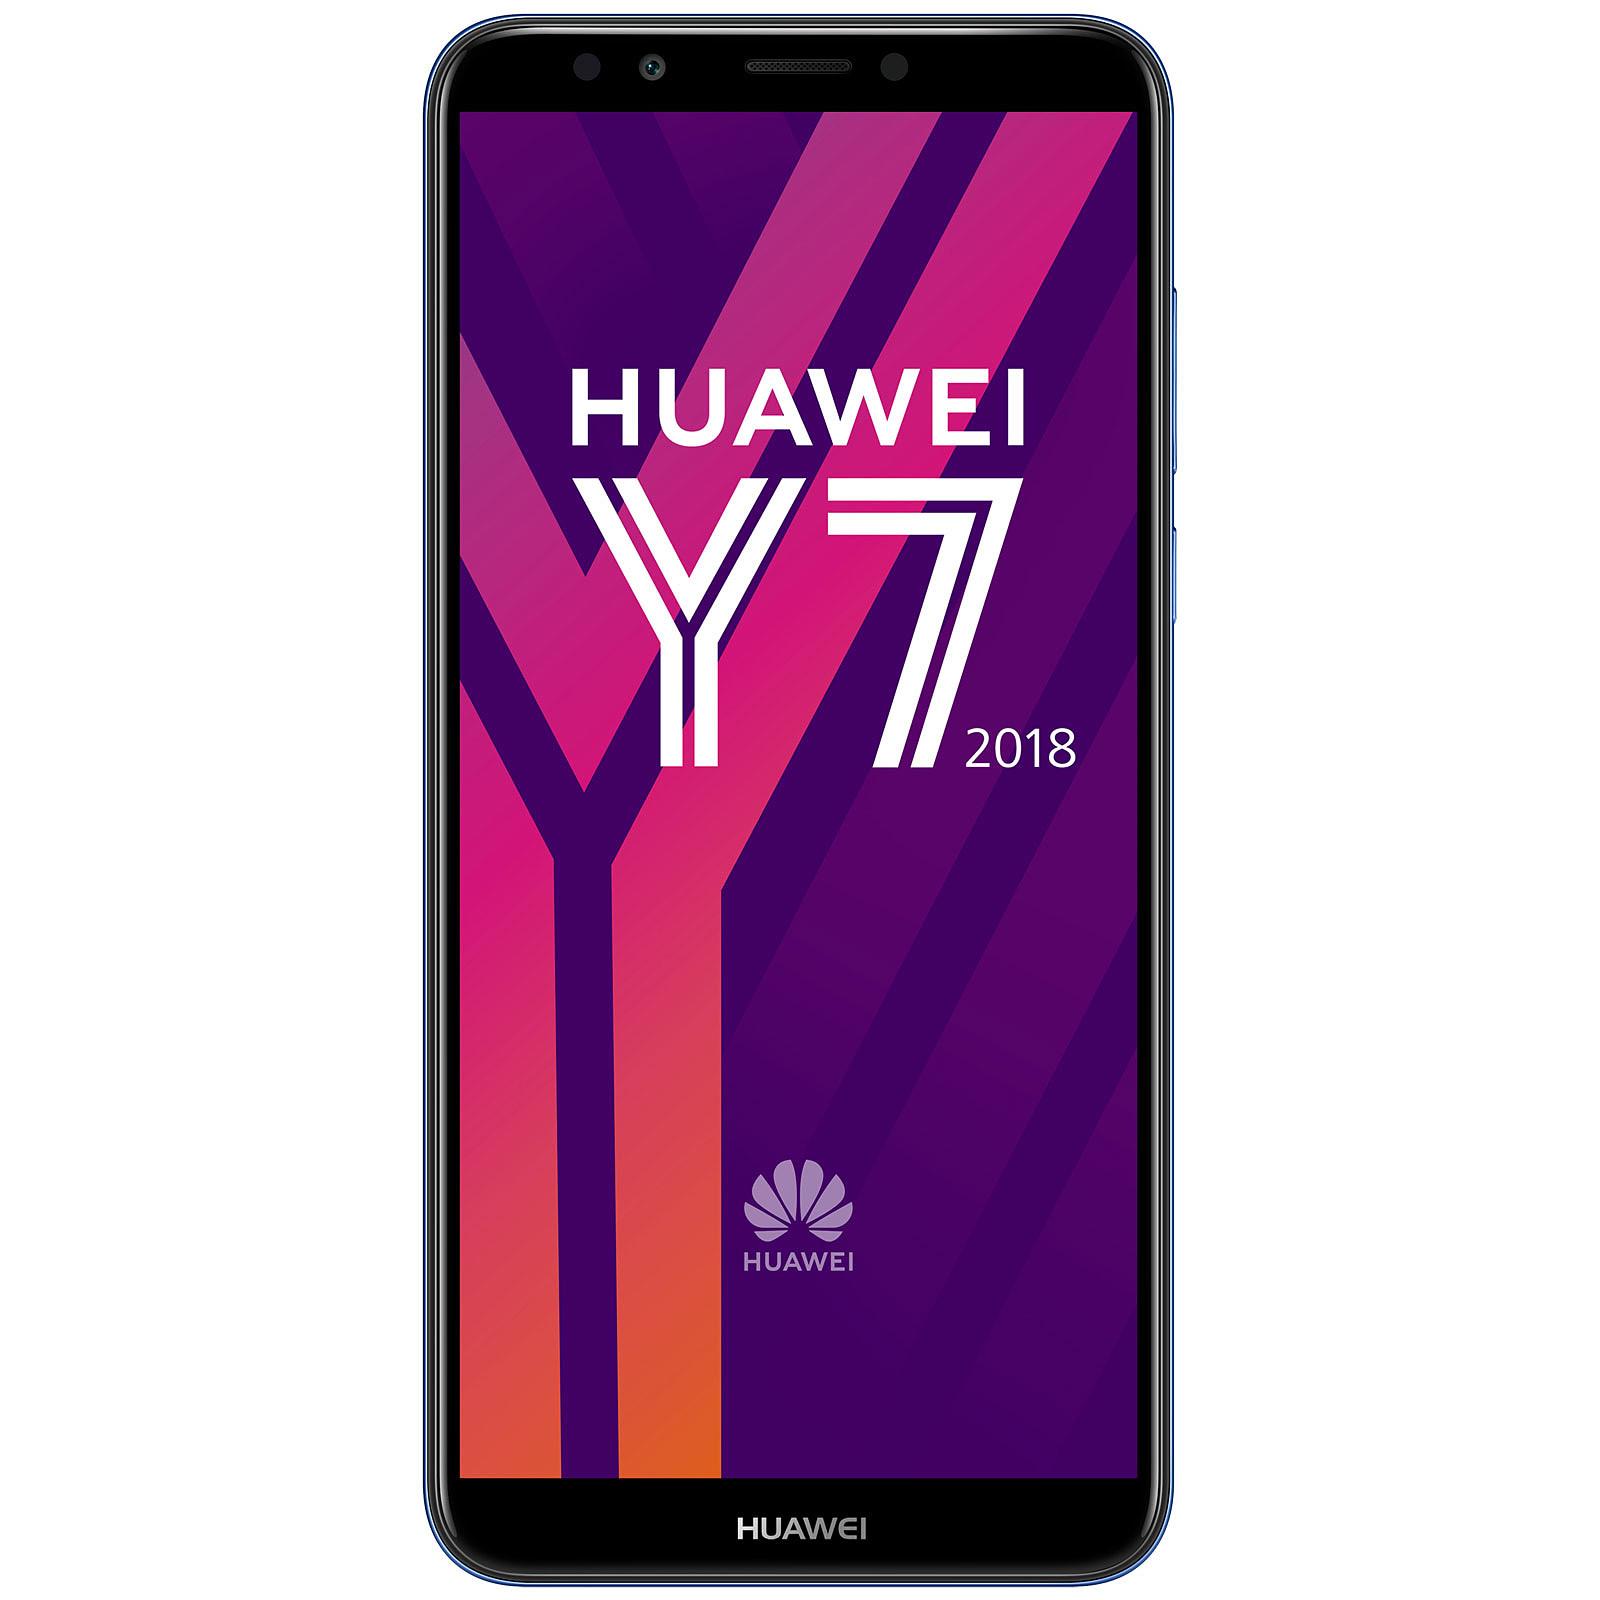 acf38530ed5 Huawei Y7 2018 Azul - Móvil y smartphone Huawei en LDLC.com